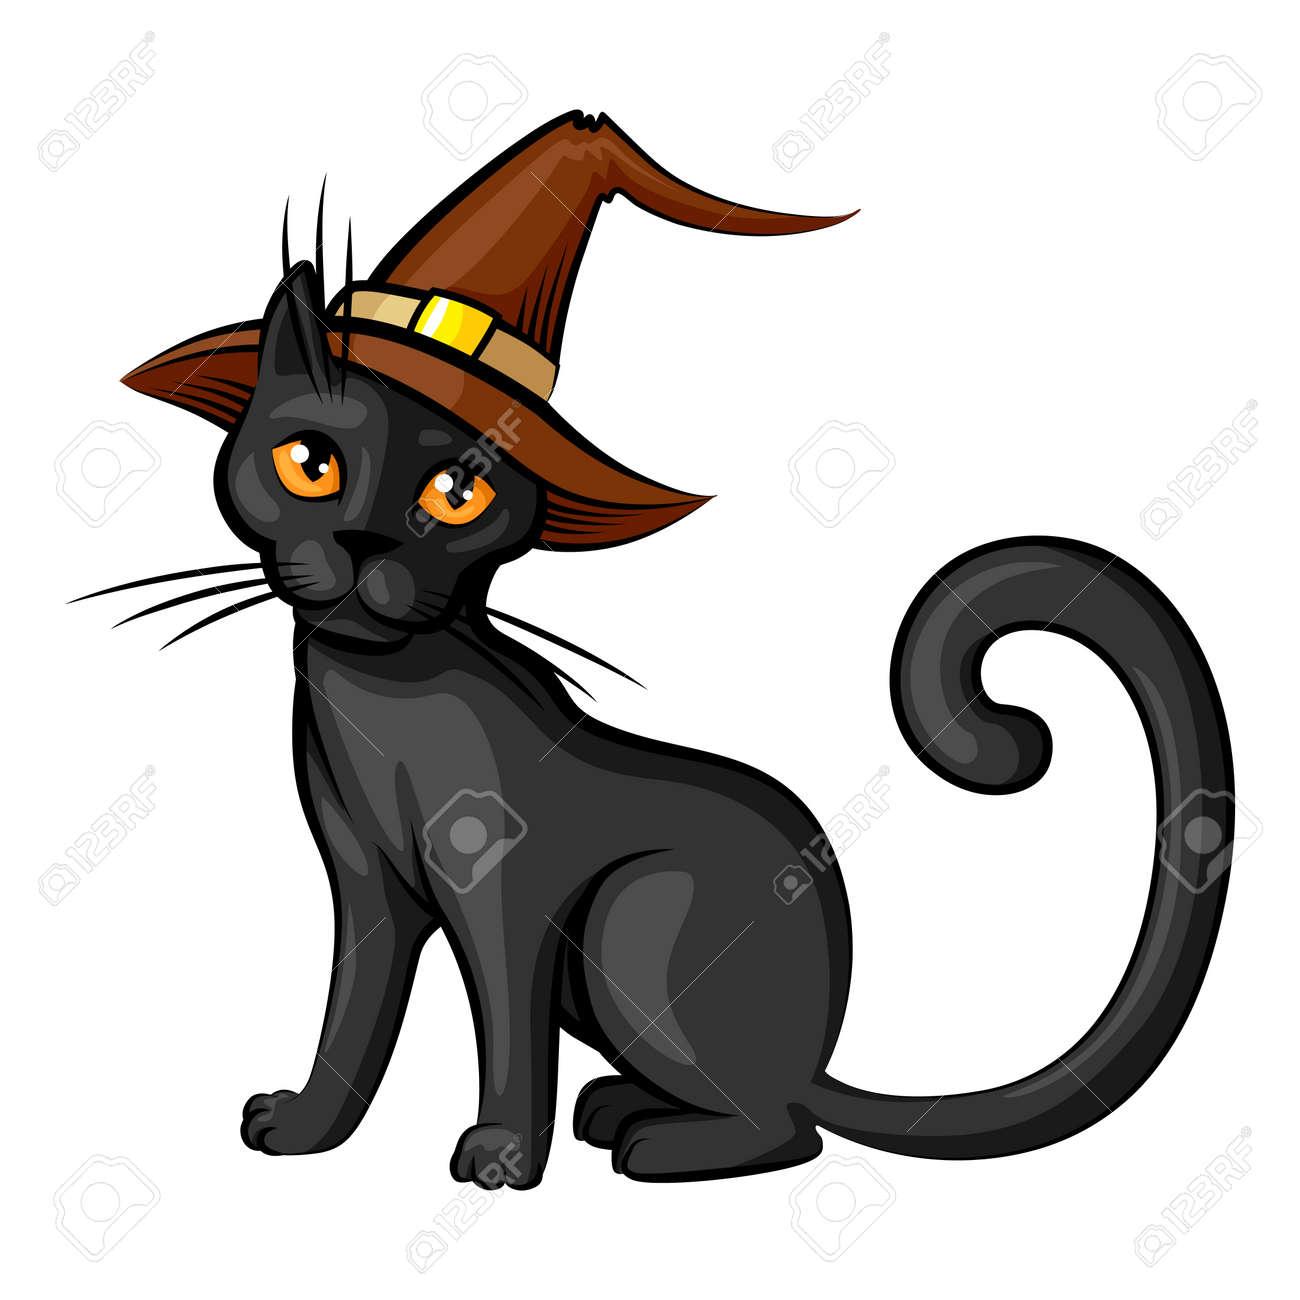 Vecteur Isolé Illustrations De Dessin Animé Chat D Halloween En Couleur De Contour De Chapeau Isolé Sur Fond Blanc